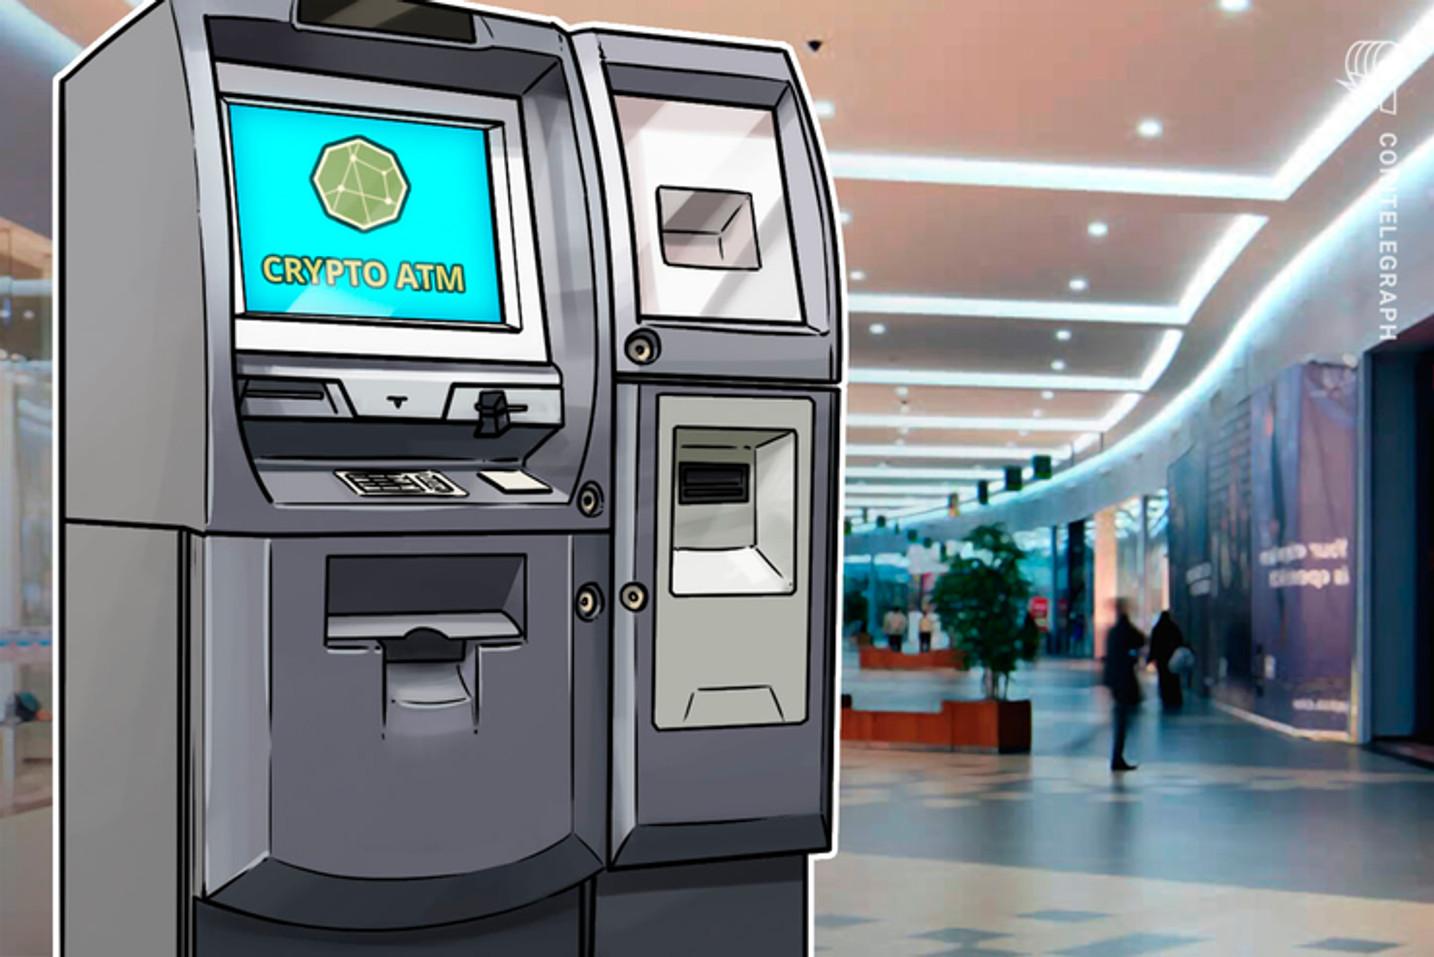 Los cajeros automáticos de Hong Kong se quedan sin efectivo y el volumen de operaciones de Bitcoin se dispara